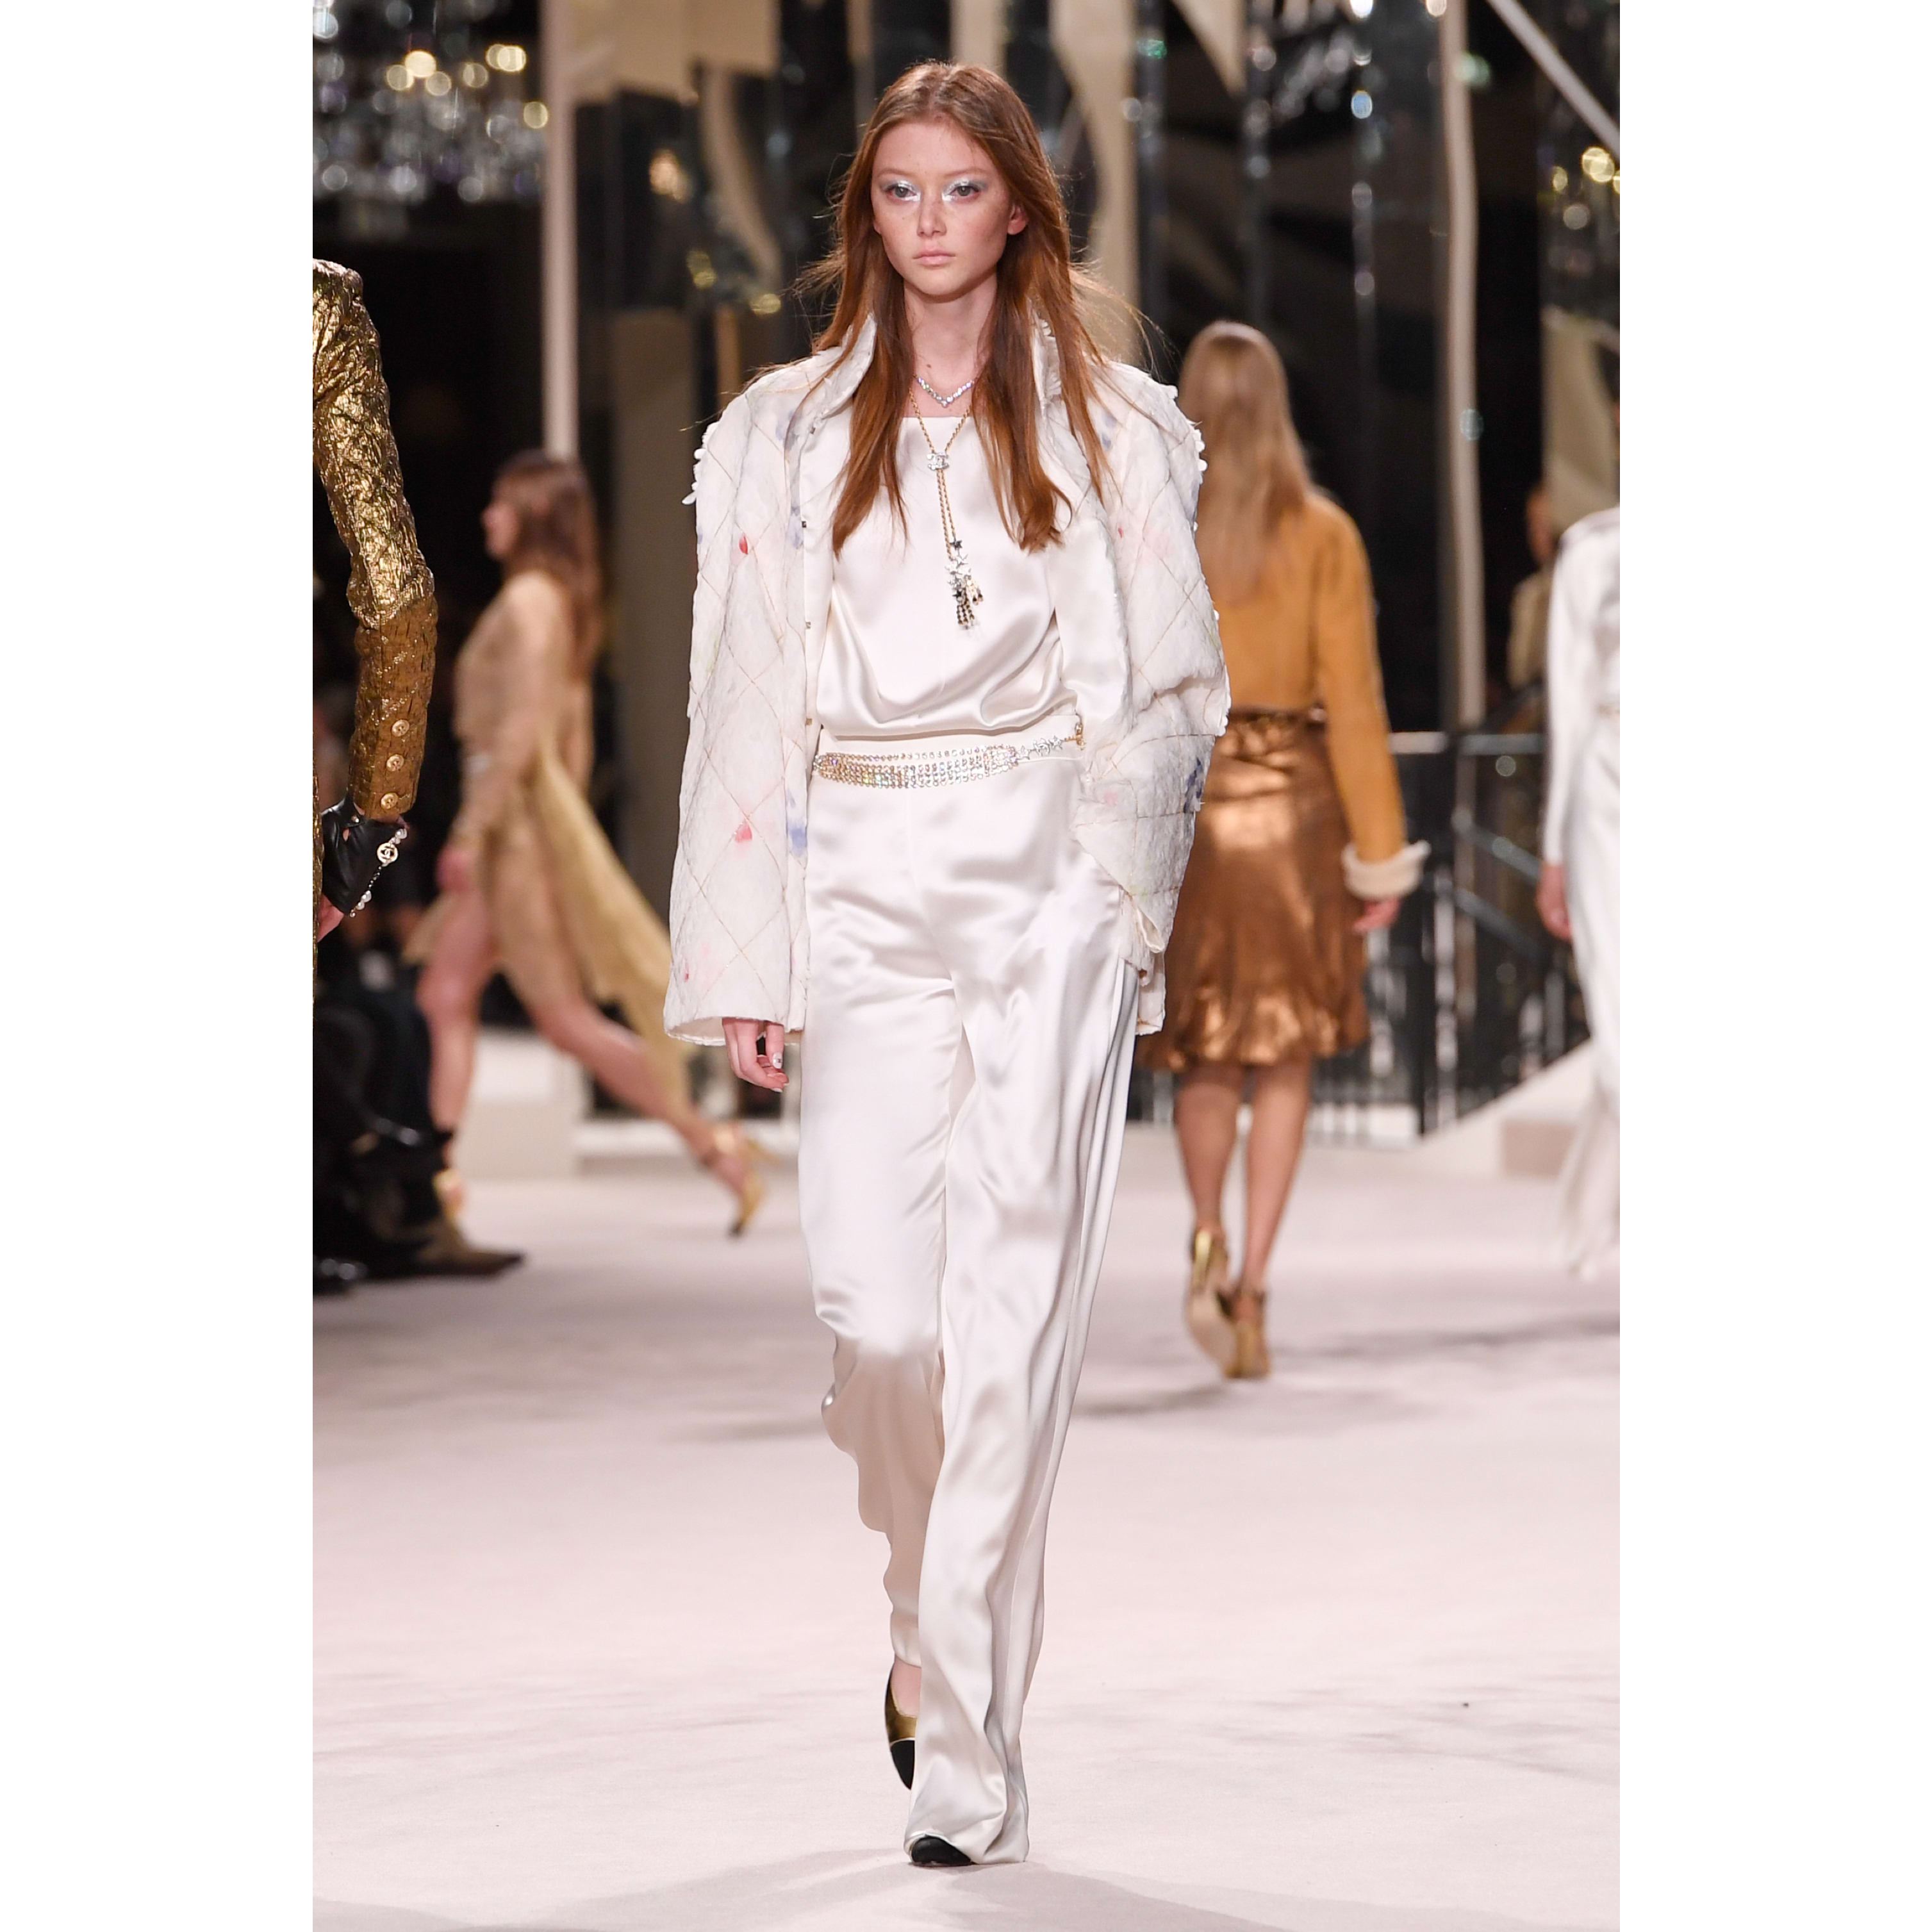 เสื้อแจ็คเก็ต - สีขาว - ผ้าไหมออร์แกนซ่า - CHANEL - มุมมองปัจจุบัน - ดูเวอร์ชันขนาดมาตรฐาน